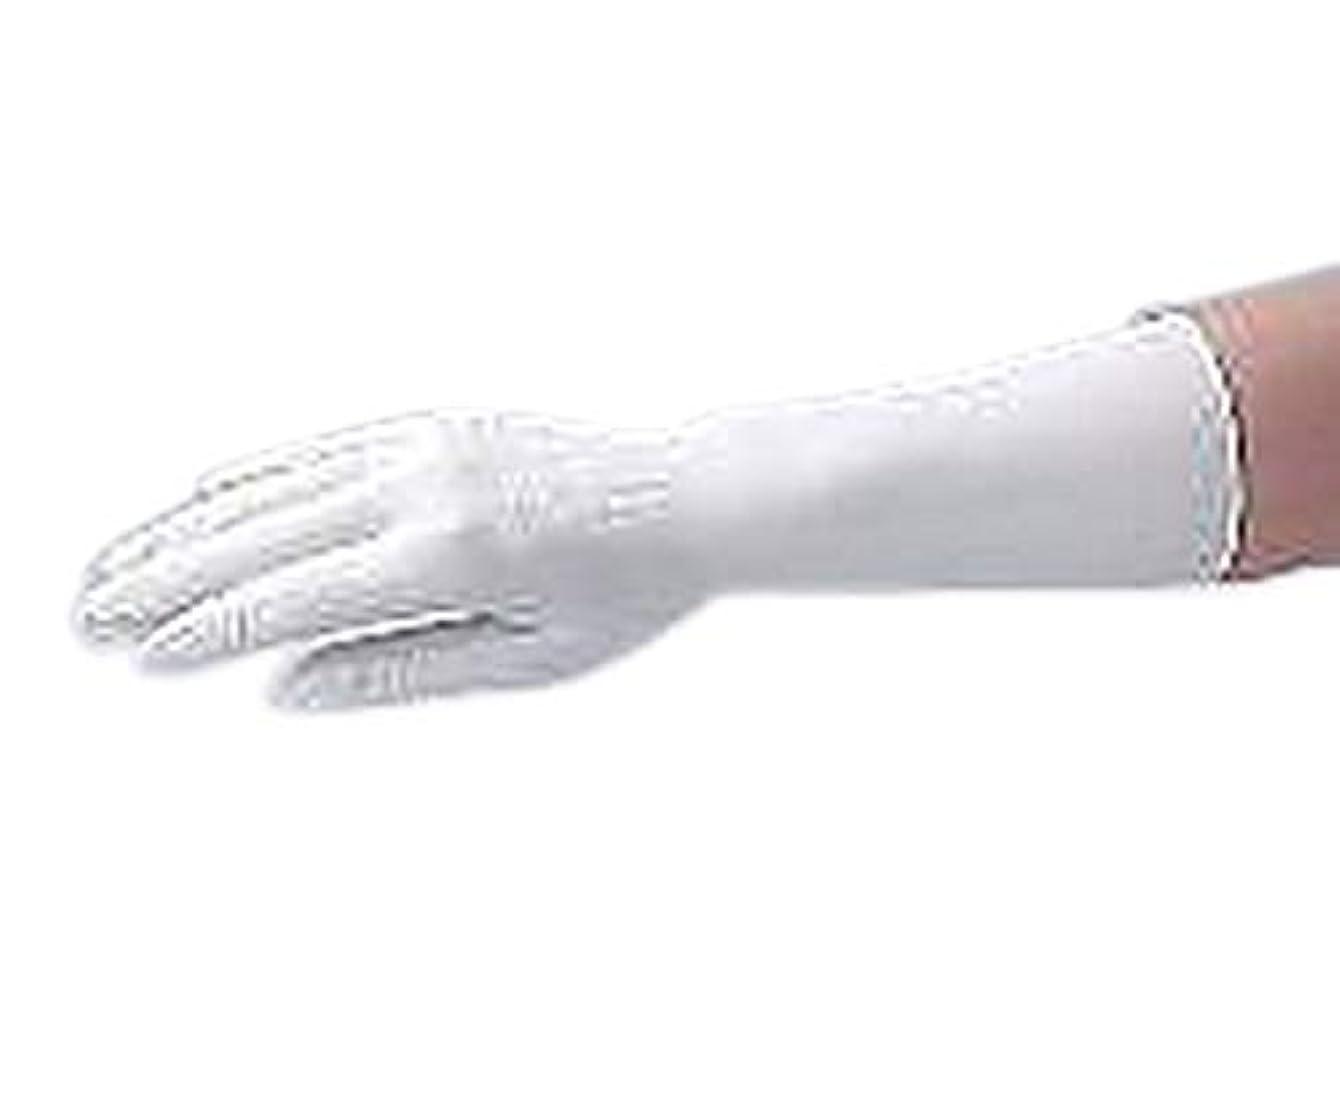 言い換えるとジョブ宮殿アズワン アズピュア クリーンノール ニトリル手袋(ペアタイプ) S 左右各100枚×5袋入 /1-2323-52